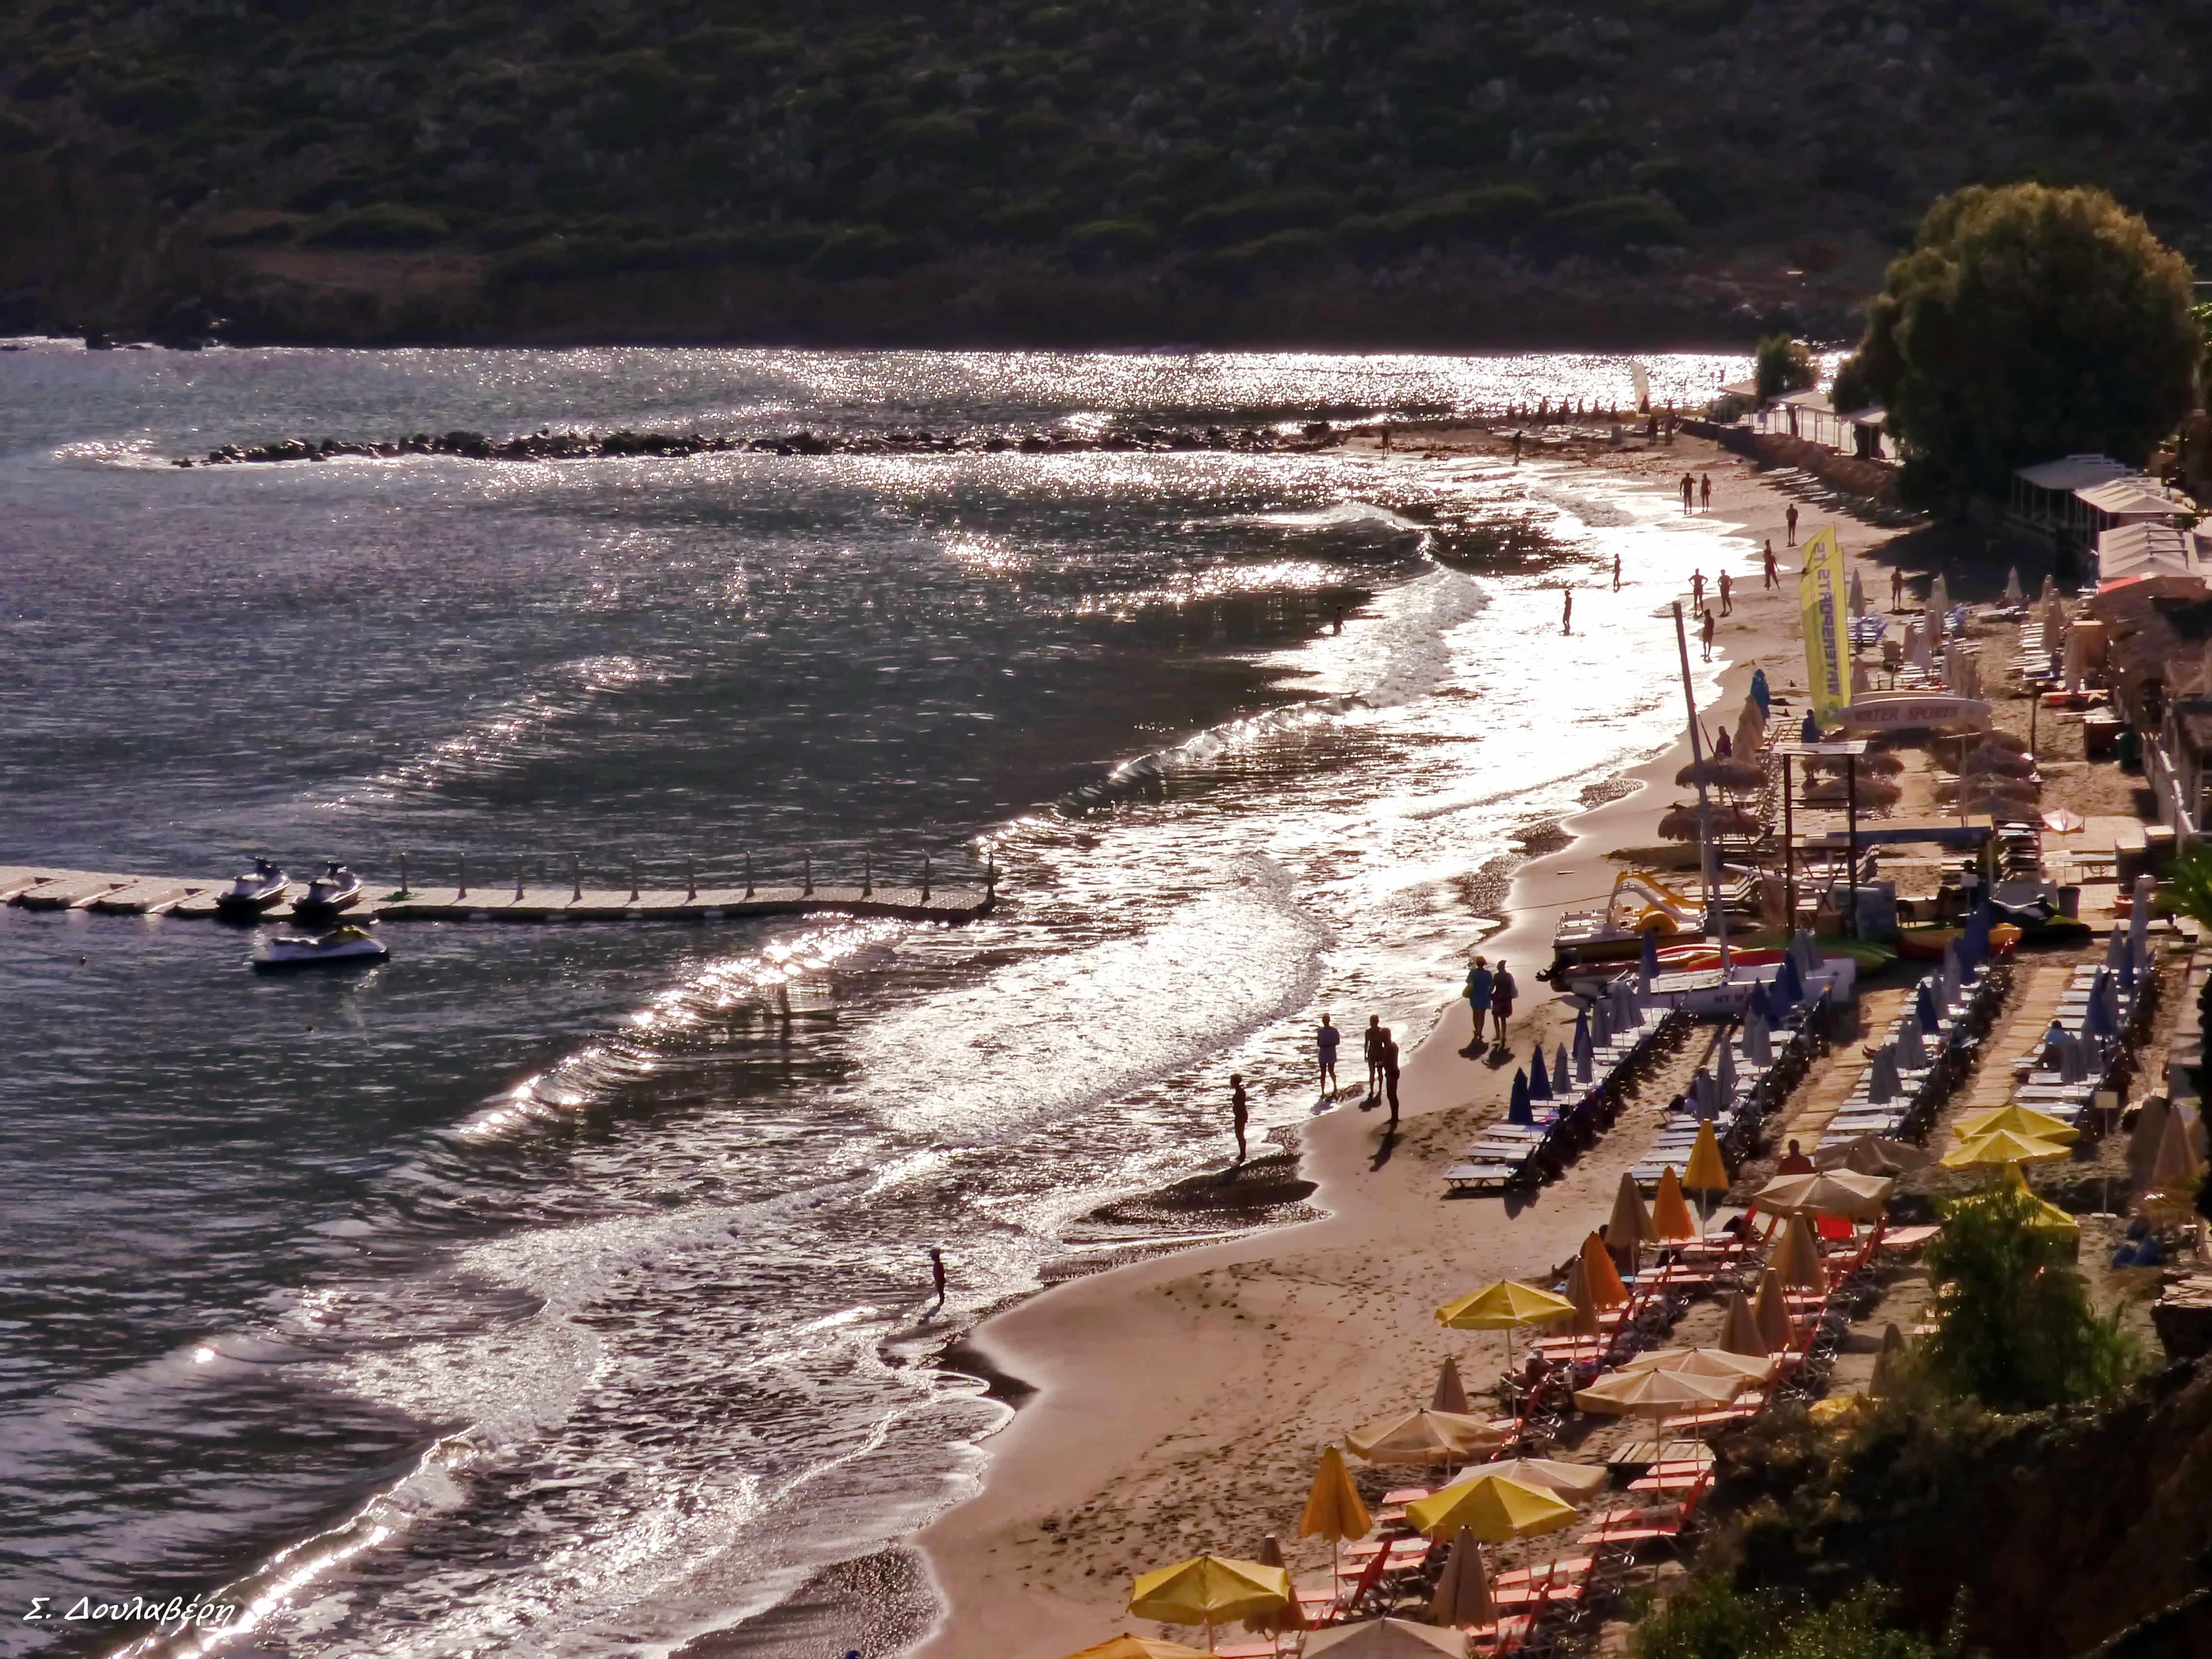 Heraklion/Knossos - Bali